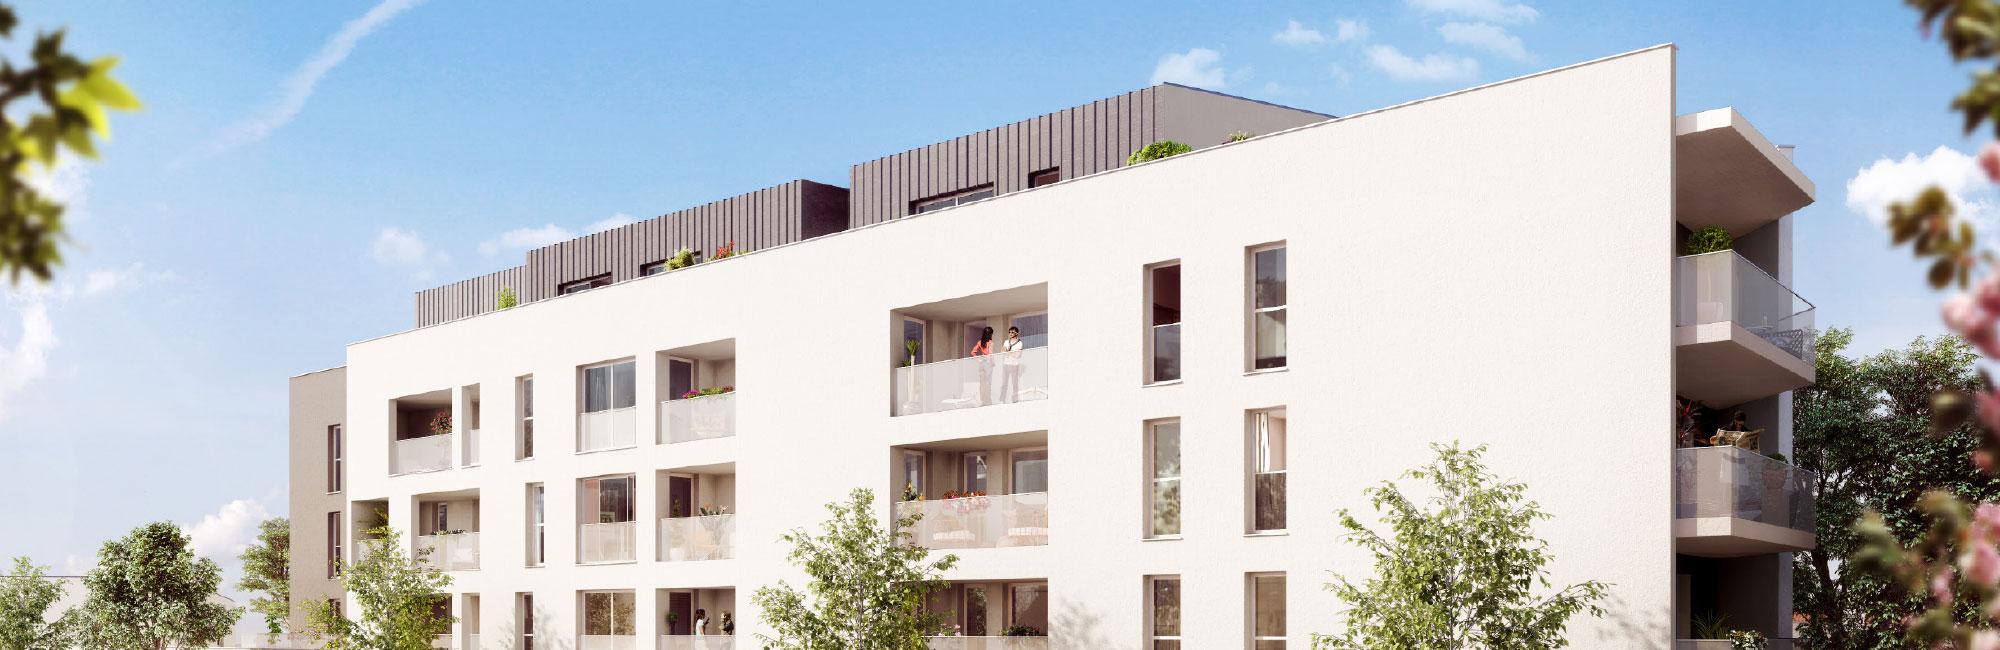 l'Octant programme immobilier neuf à Saint-Gilles-Croix-de-Vie (85)